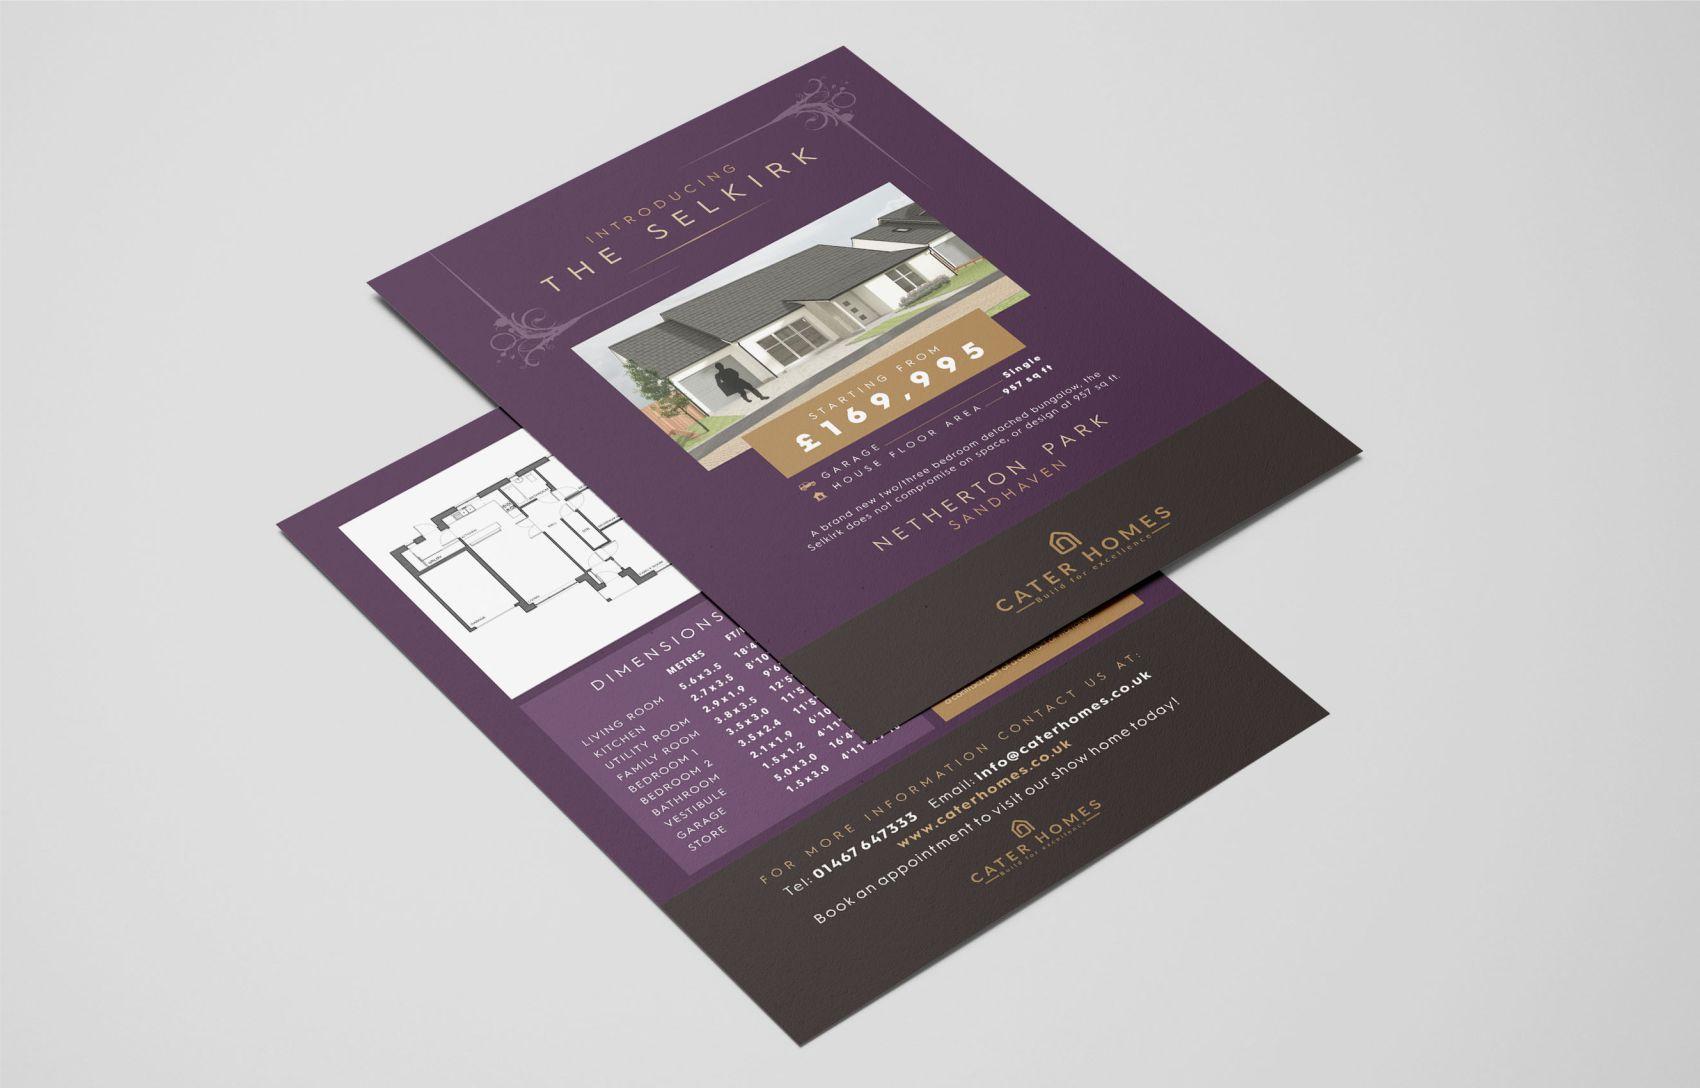 Leaflet-Design-Mockup-Cater-Homes